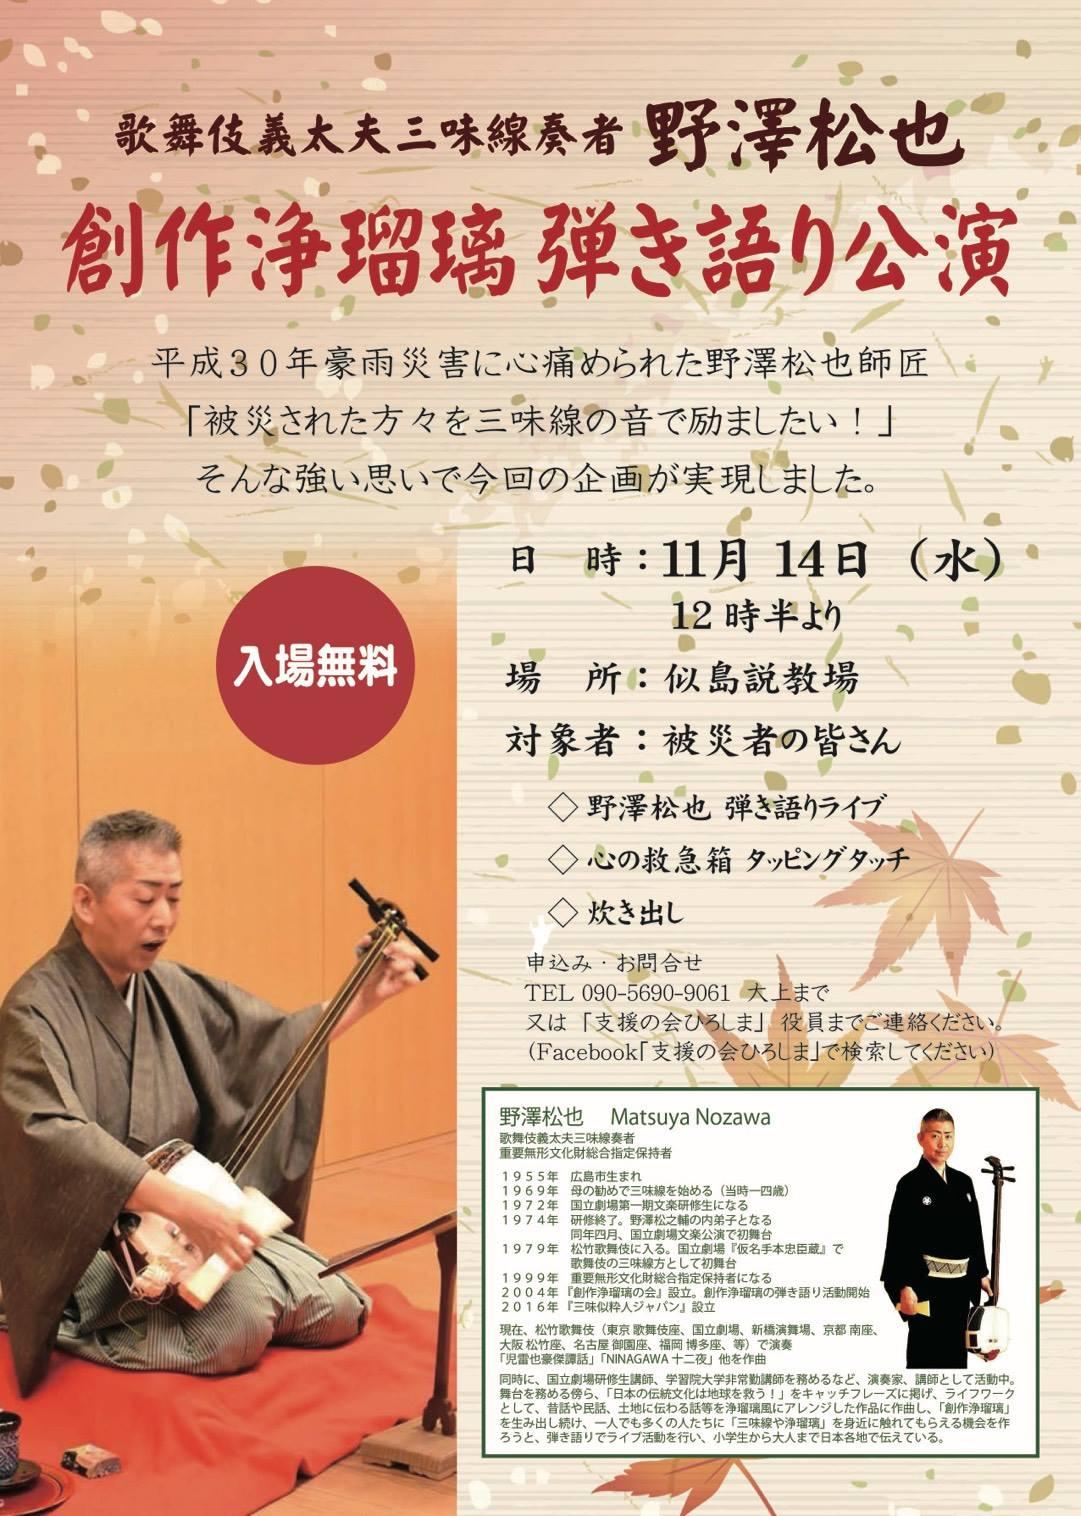 歌舞伎義太夫三味線奏者 野澤松也 創作浄瑠璃 弾き語り公演